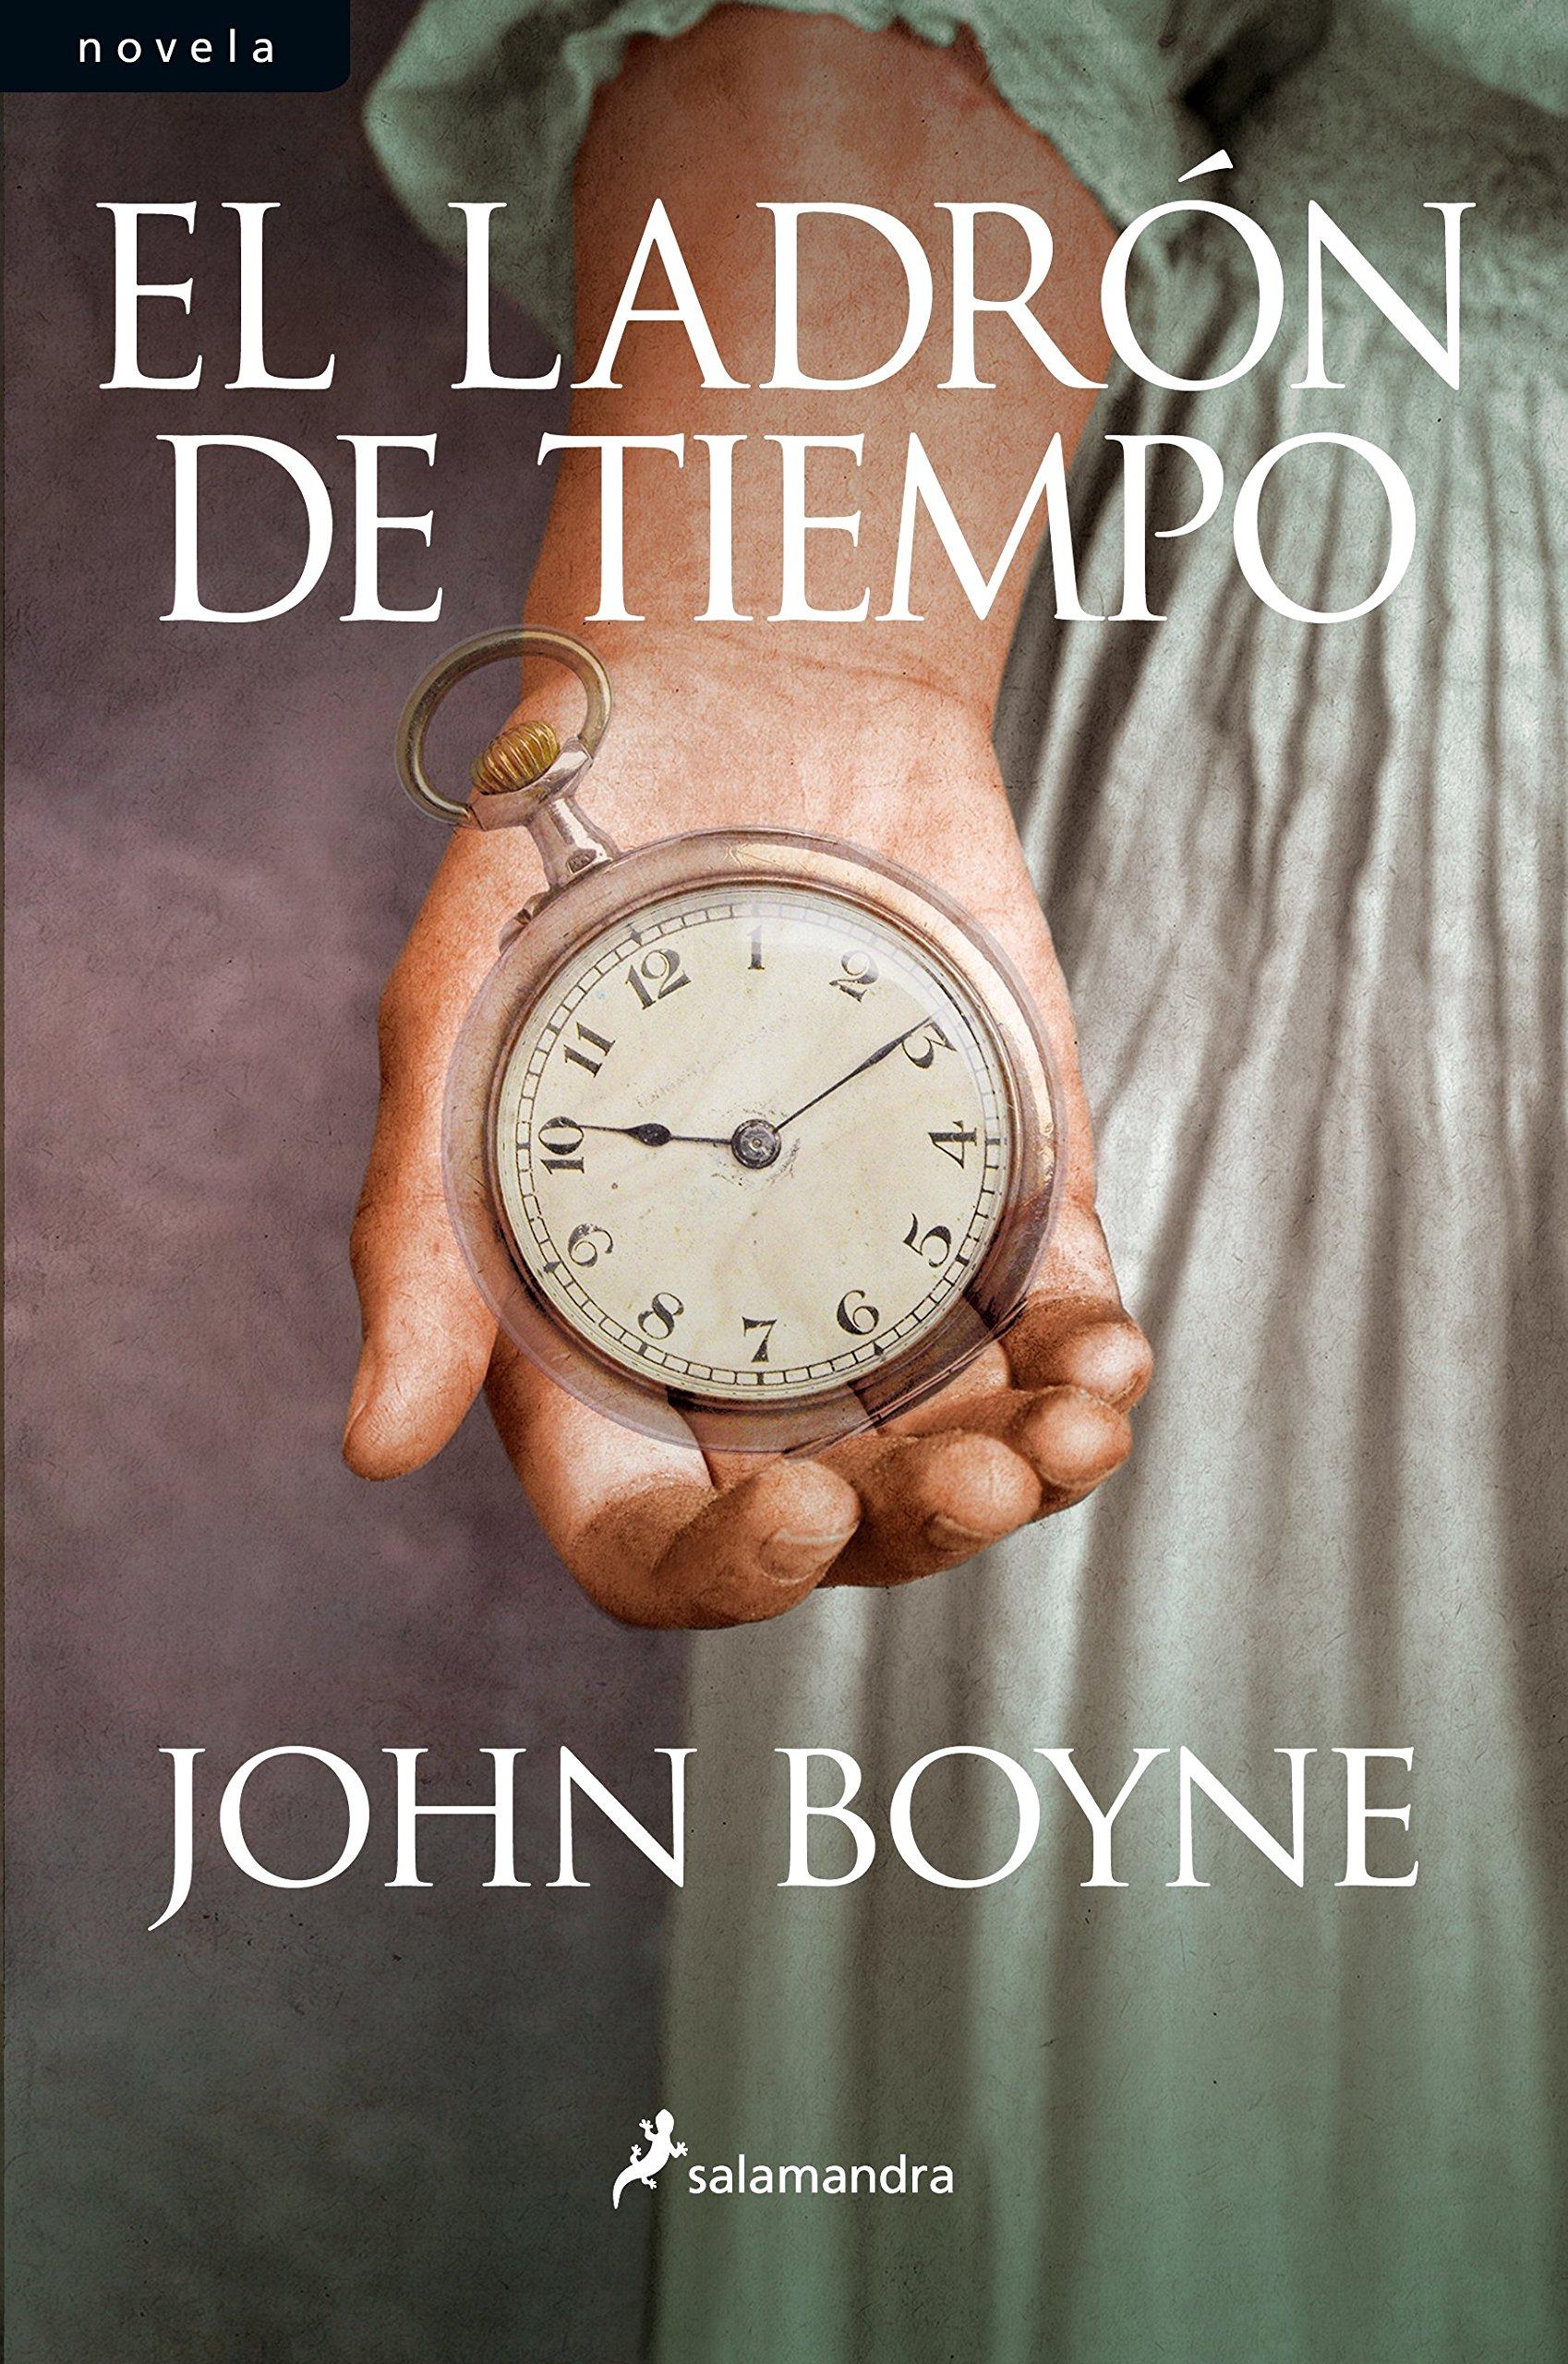 El ladrón de tiempo/ The Thief Of Time (Spanish Edition) (Spanish) Paperback – March 29, 2011